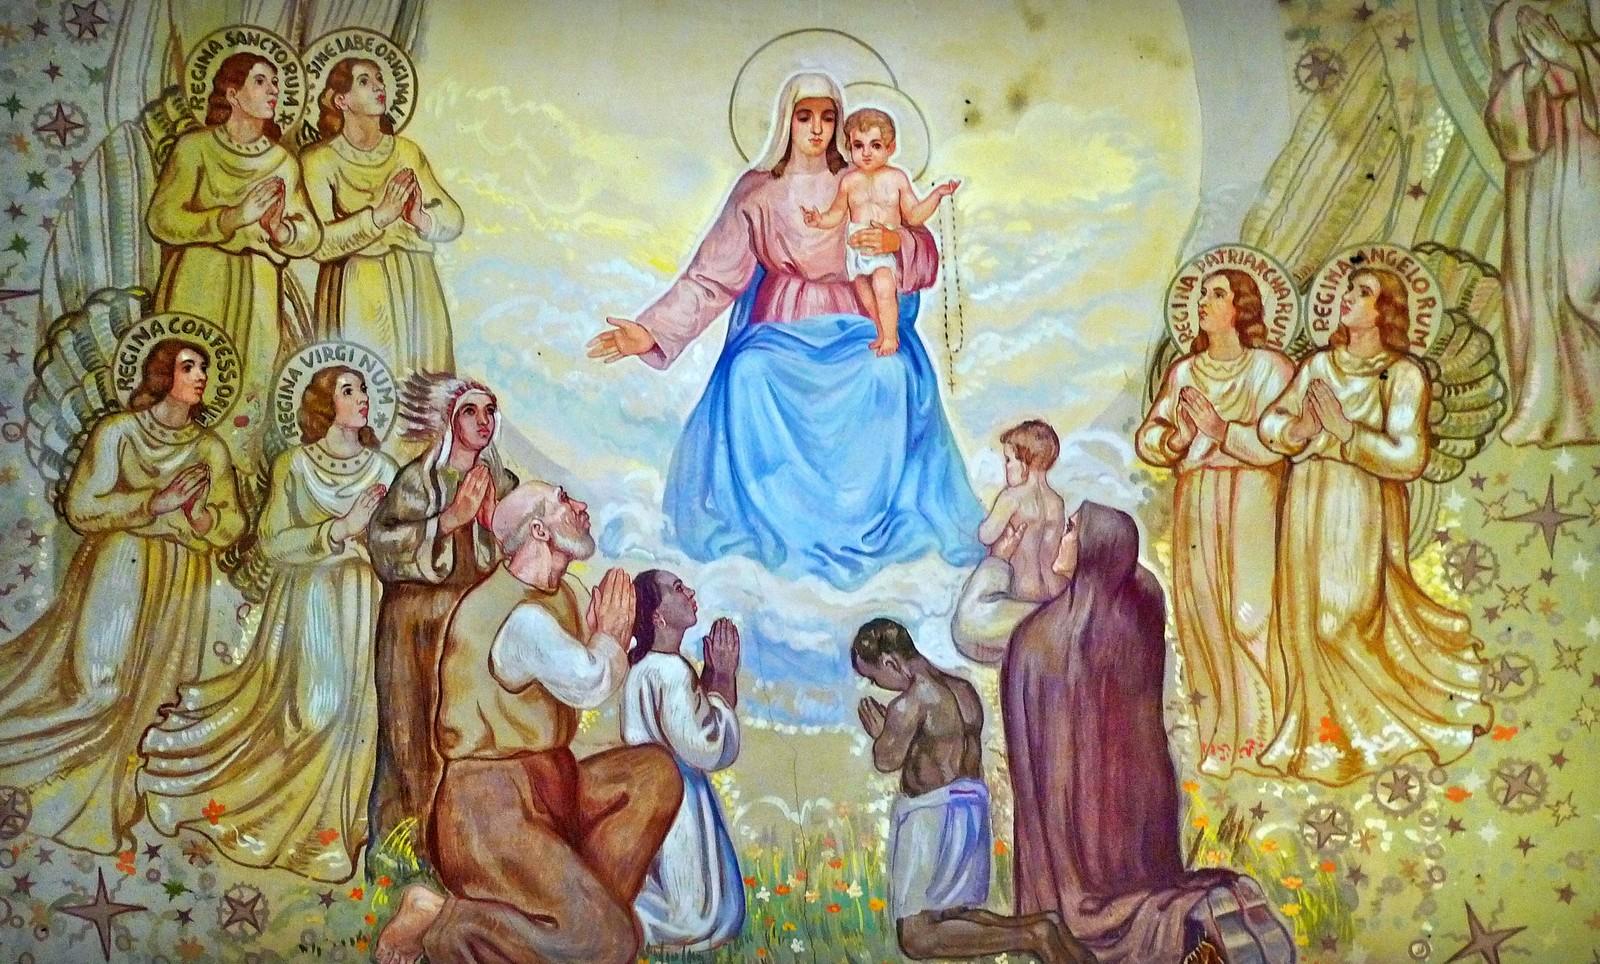 Nuestra Señora de la Nieve de Adro, quiere que le Construyan un Santuario, Italia (8 jul, 5 ago)